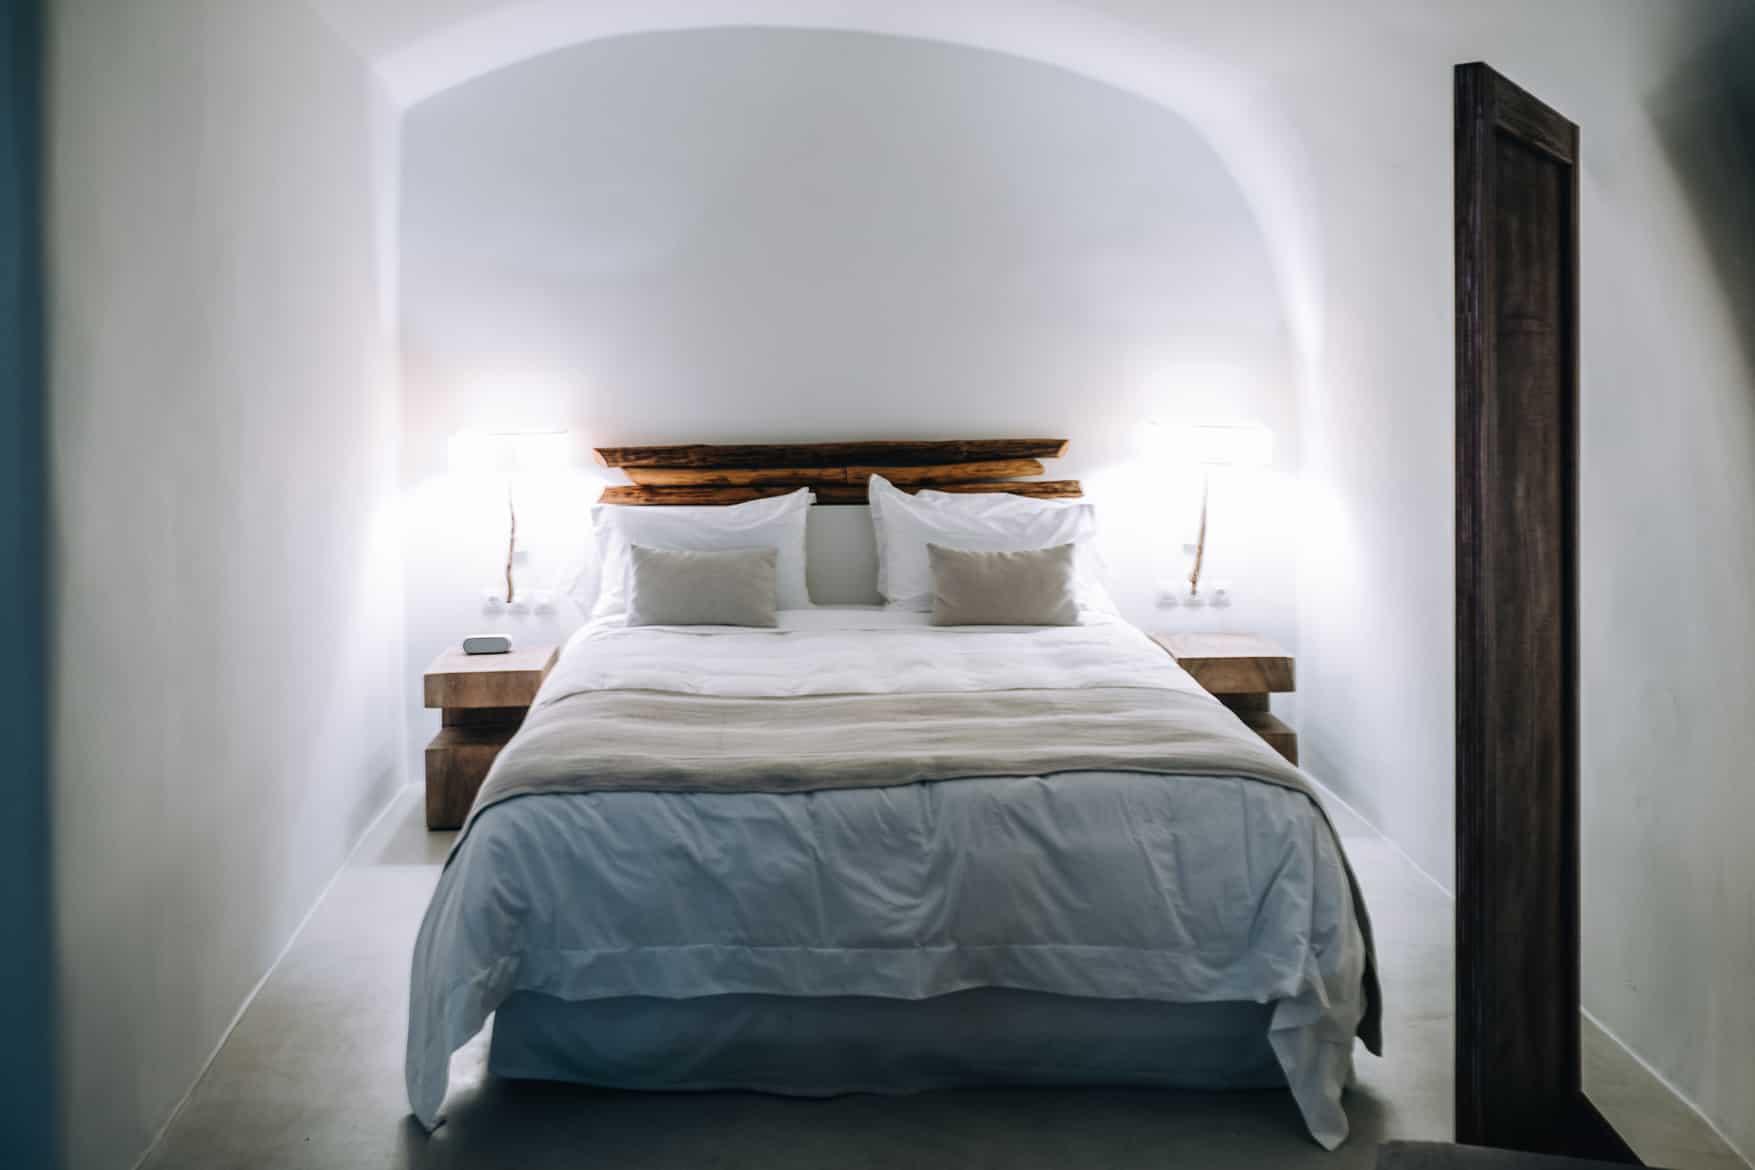 Santorini Travel Guide: The Ivory Suite, Bett